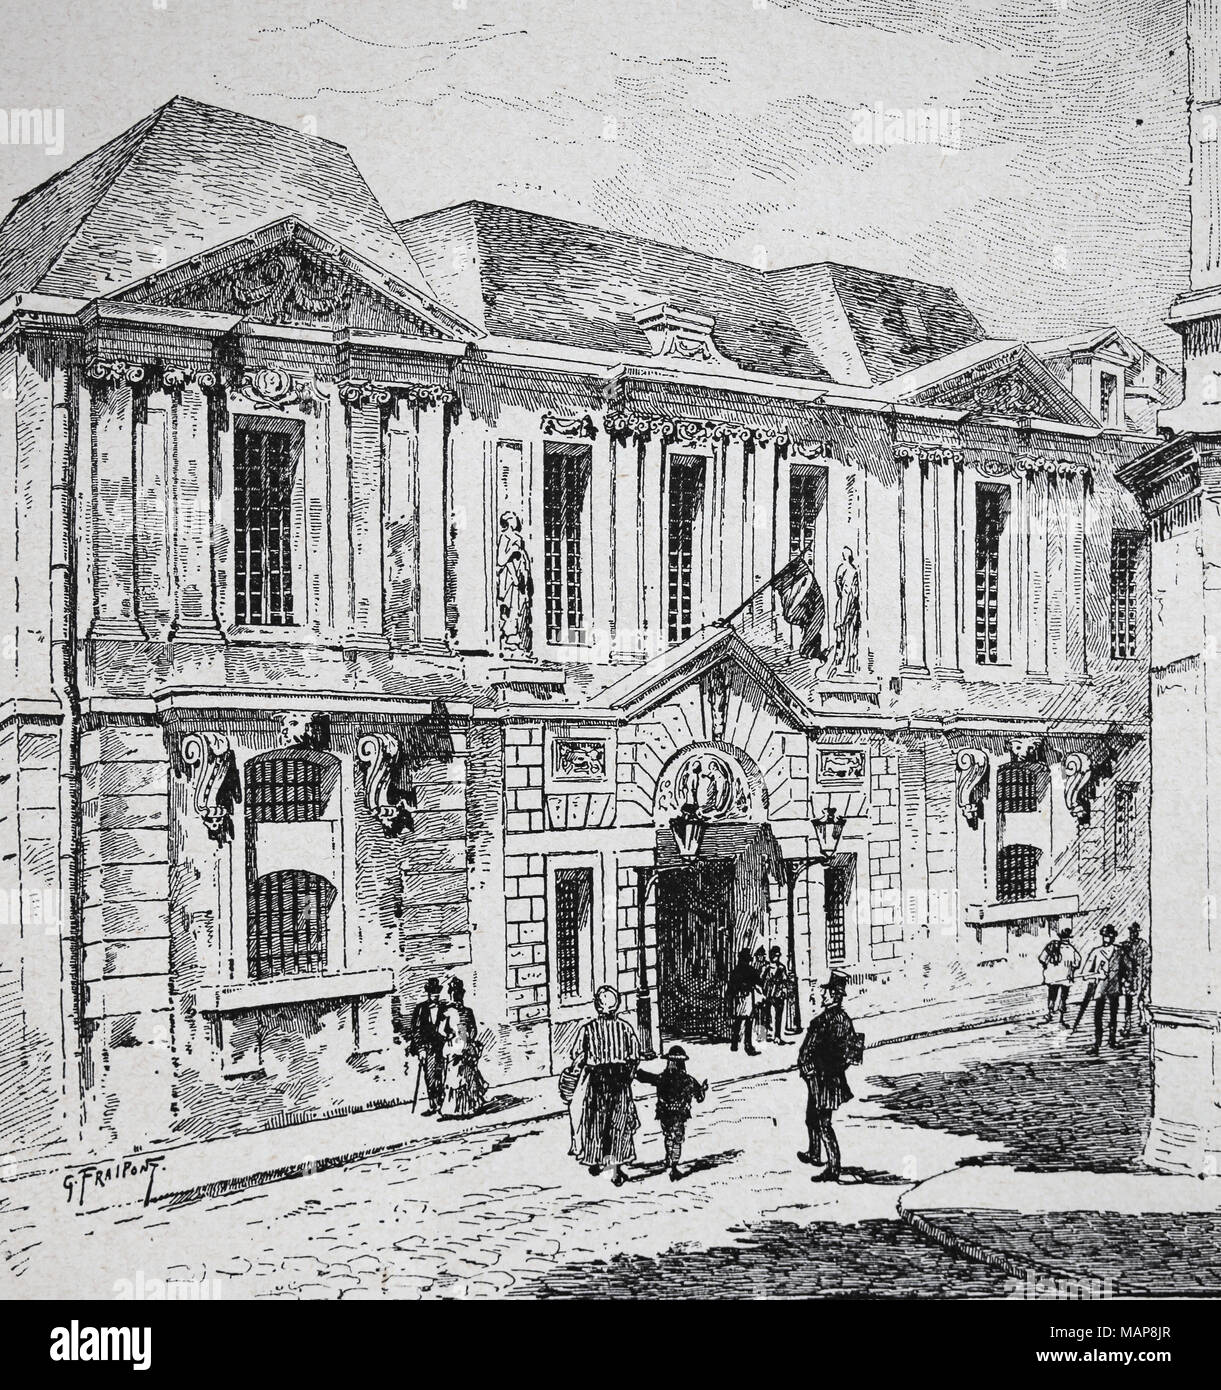 Frankreich. Paris. Das Historische Archiv im Carnavalet Hotels. Gravur, 19. Stockbild